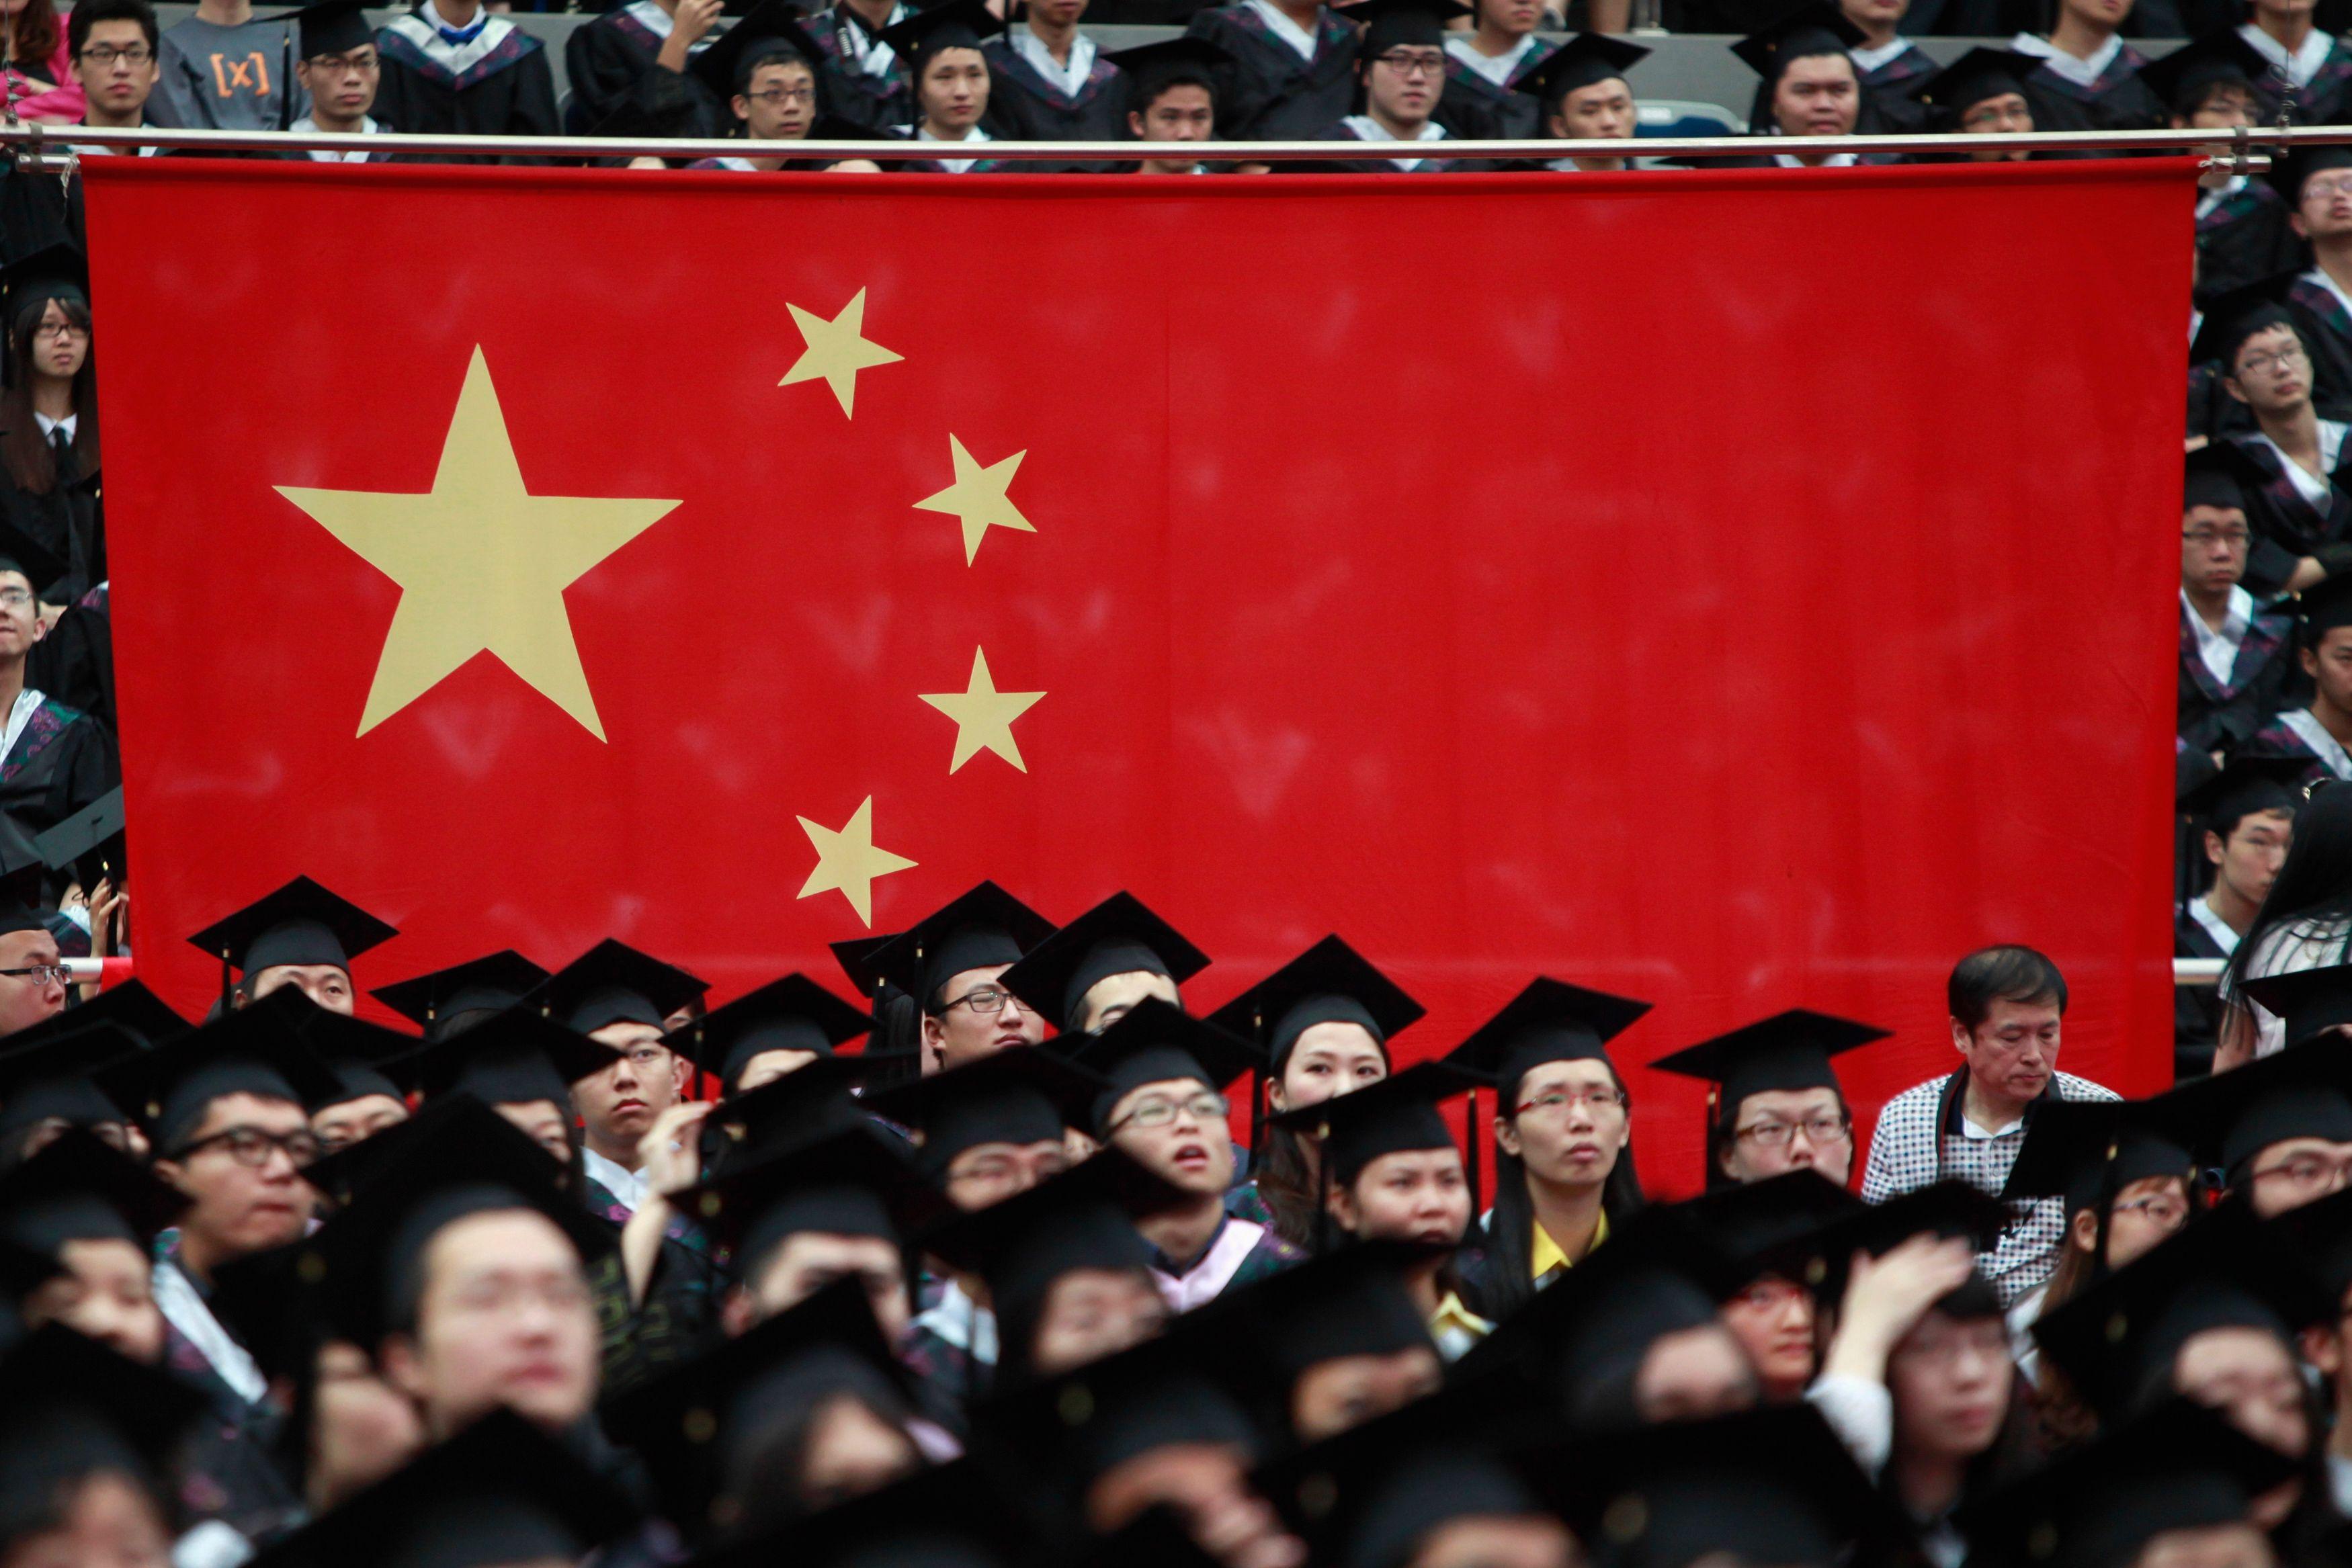 En Chine aussi, malgré l'héritage confucéen, le lien filial se perd.